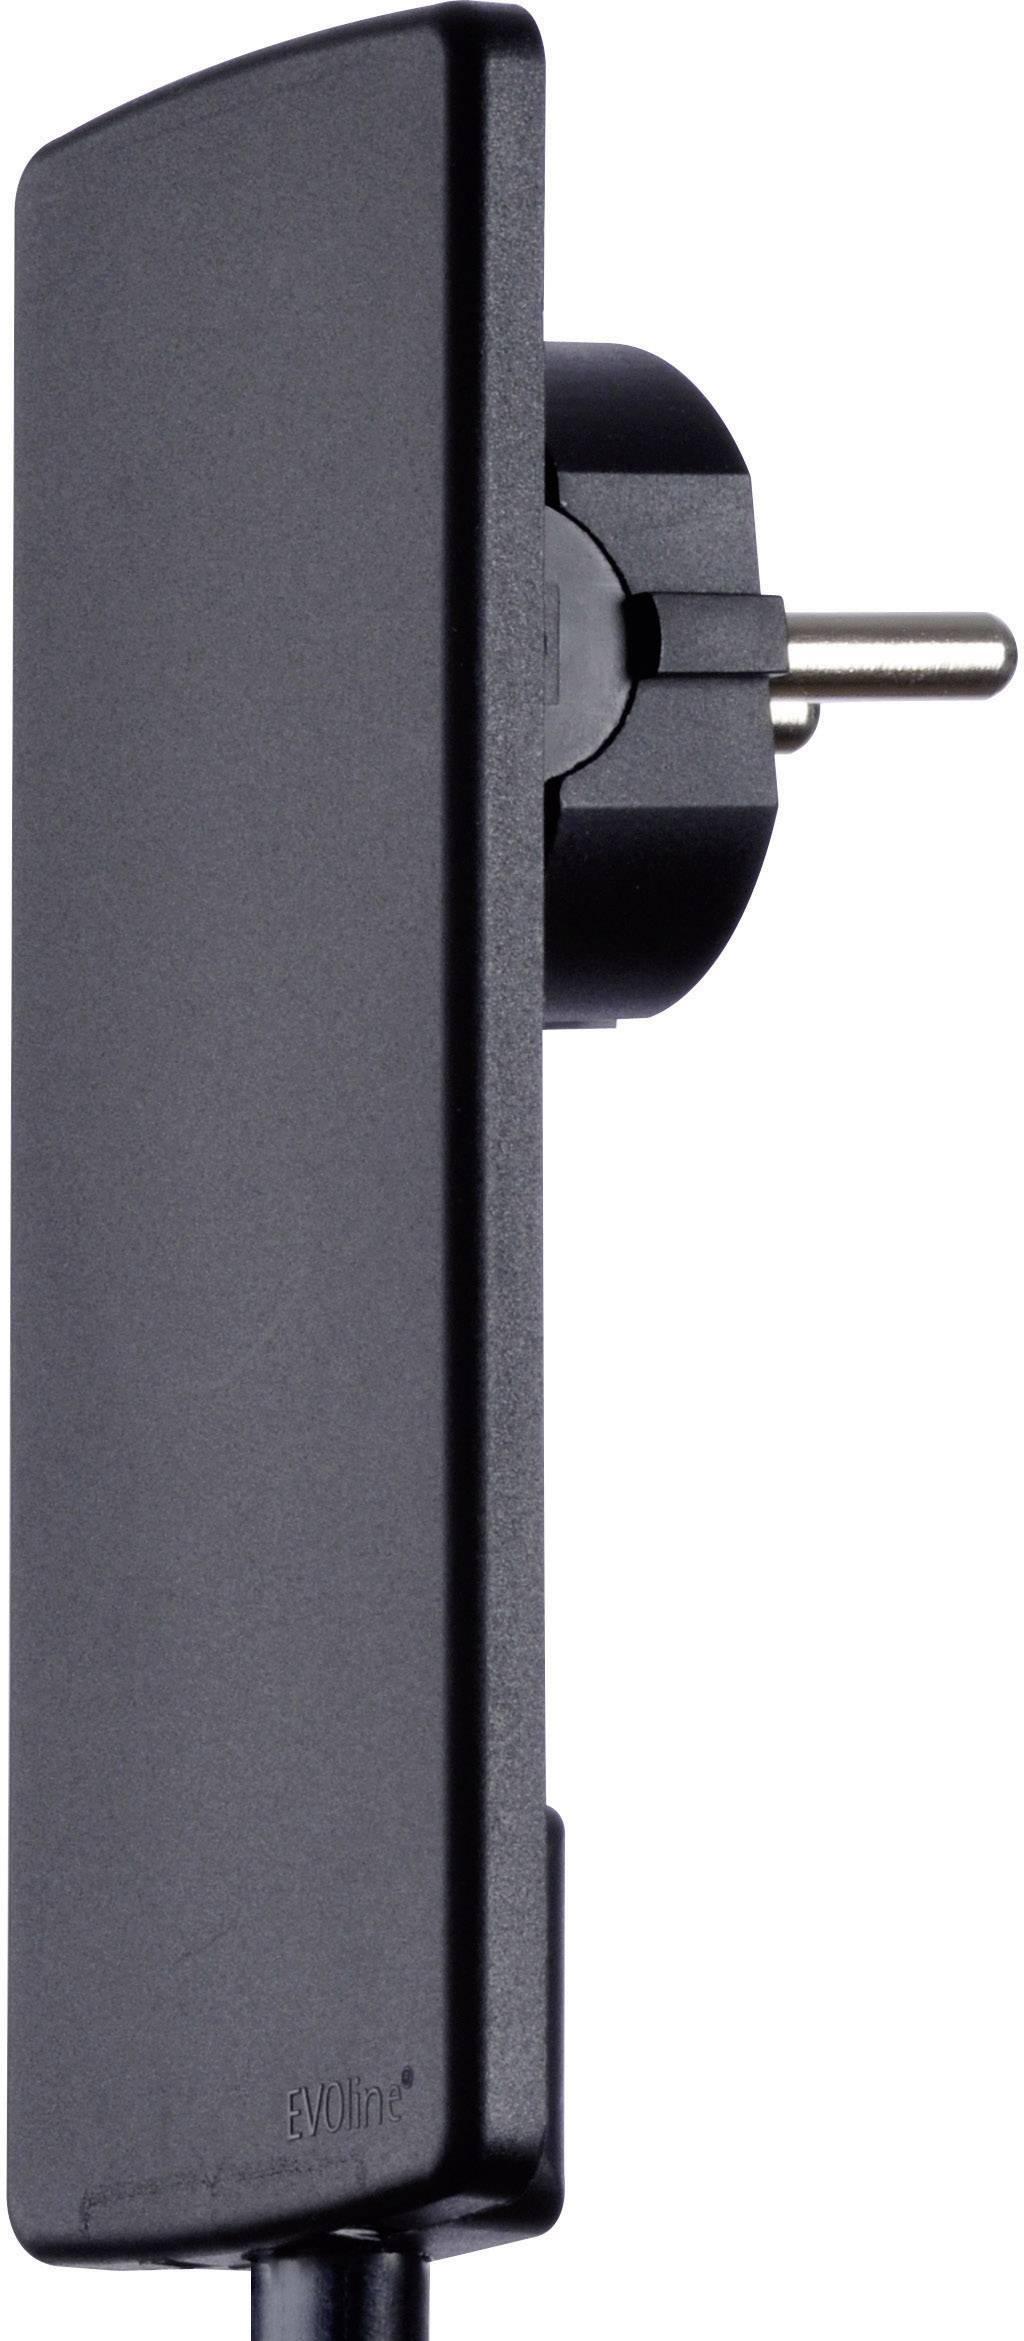 Plochá zástrčka SchuKo EVOline EVOline Plug 1510.0000.0100, plast, 230 V, černá